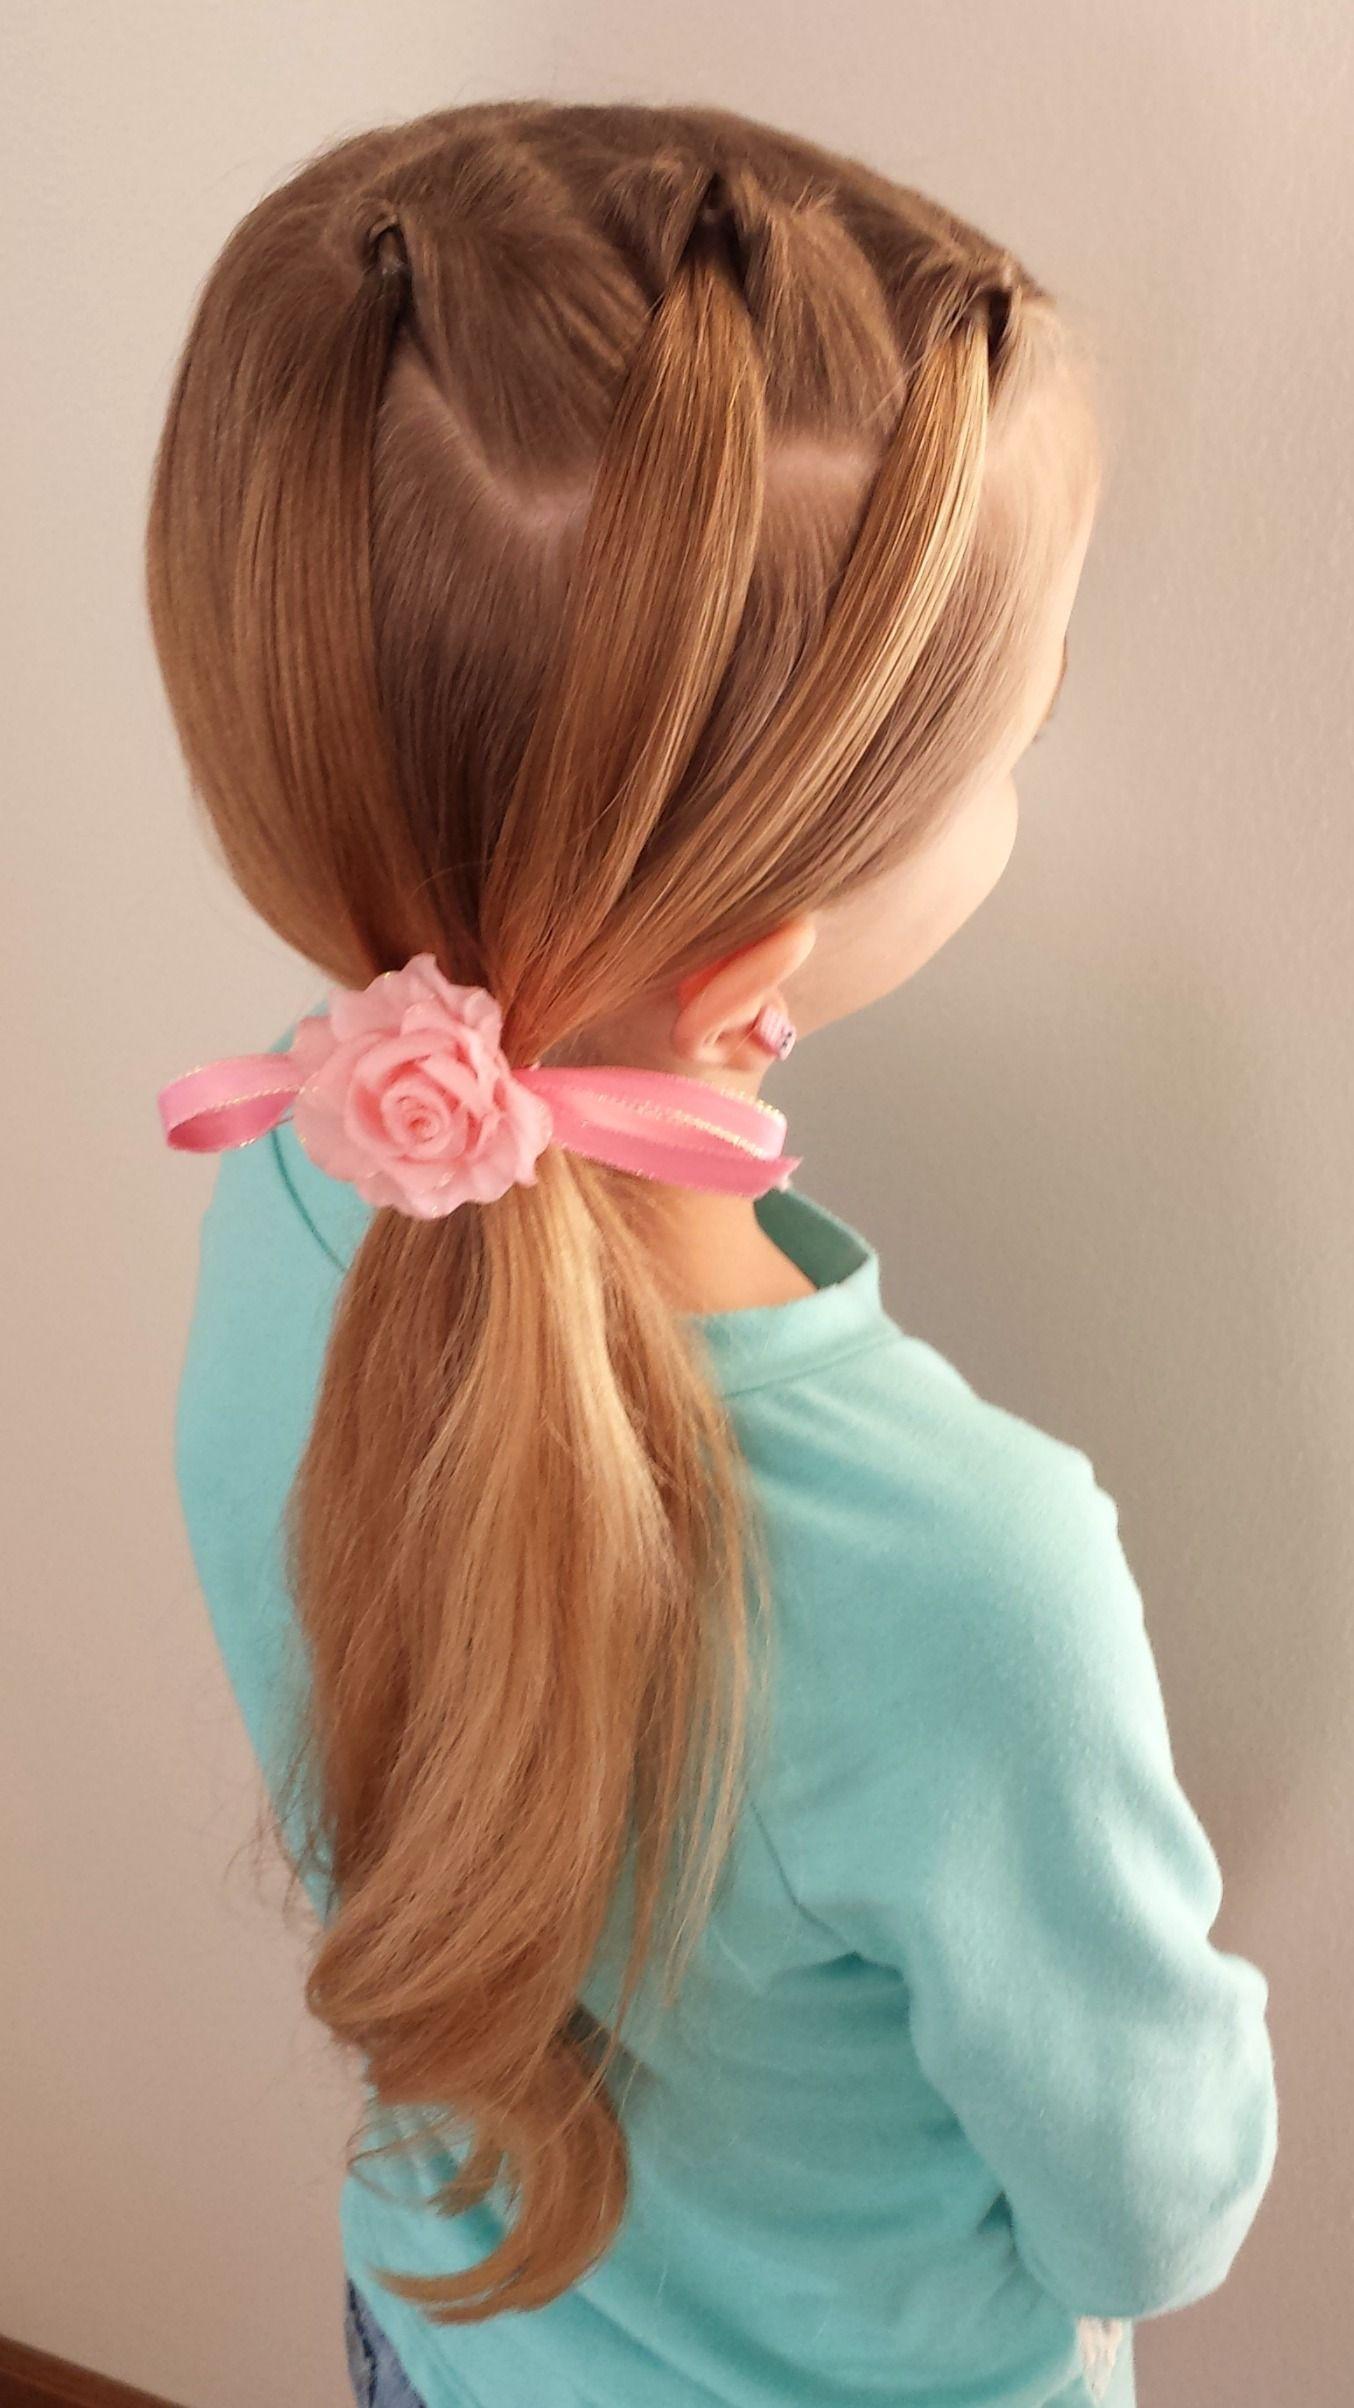 Here Is A Sweet Triple Flip Ponytail Love Frisuren Fur Kleine Madchen Frisuren Hubsche Frisuren